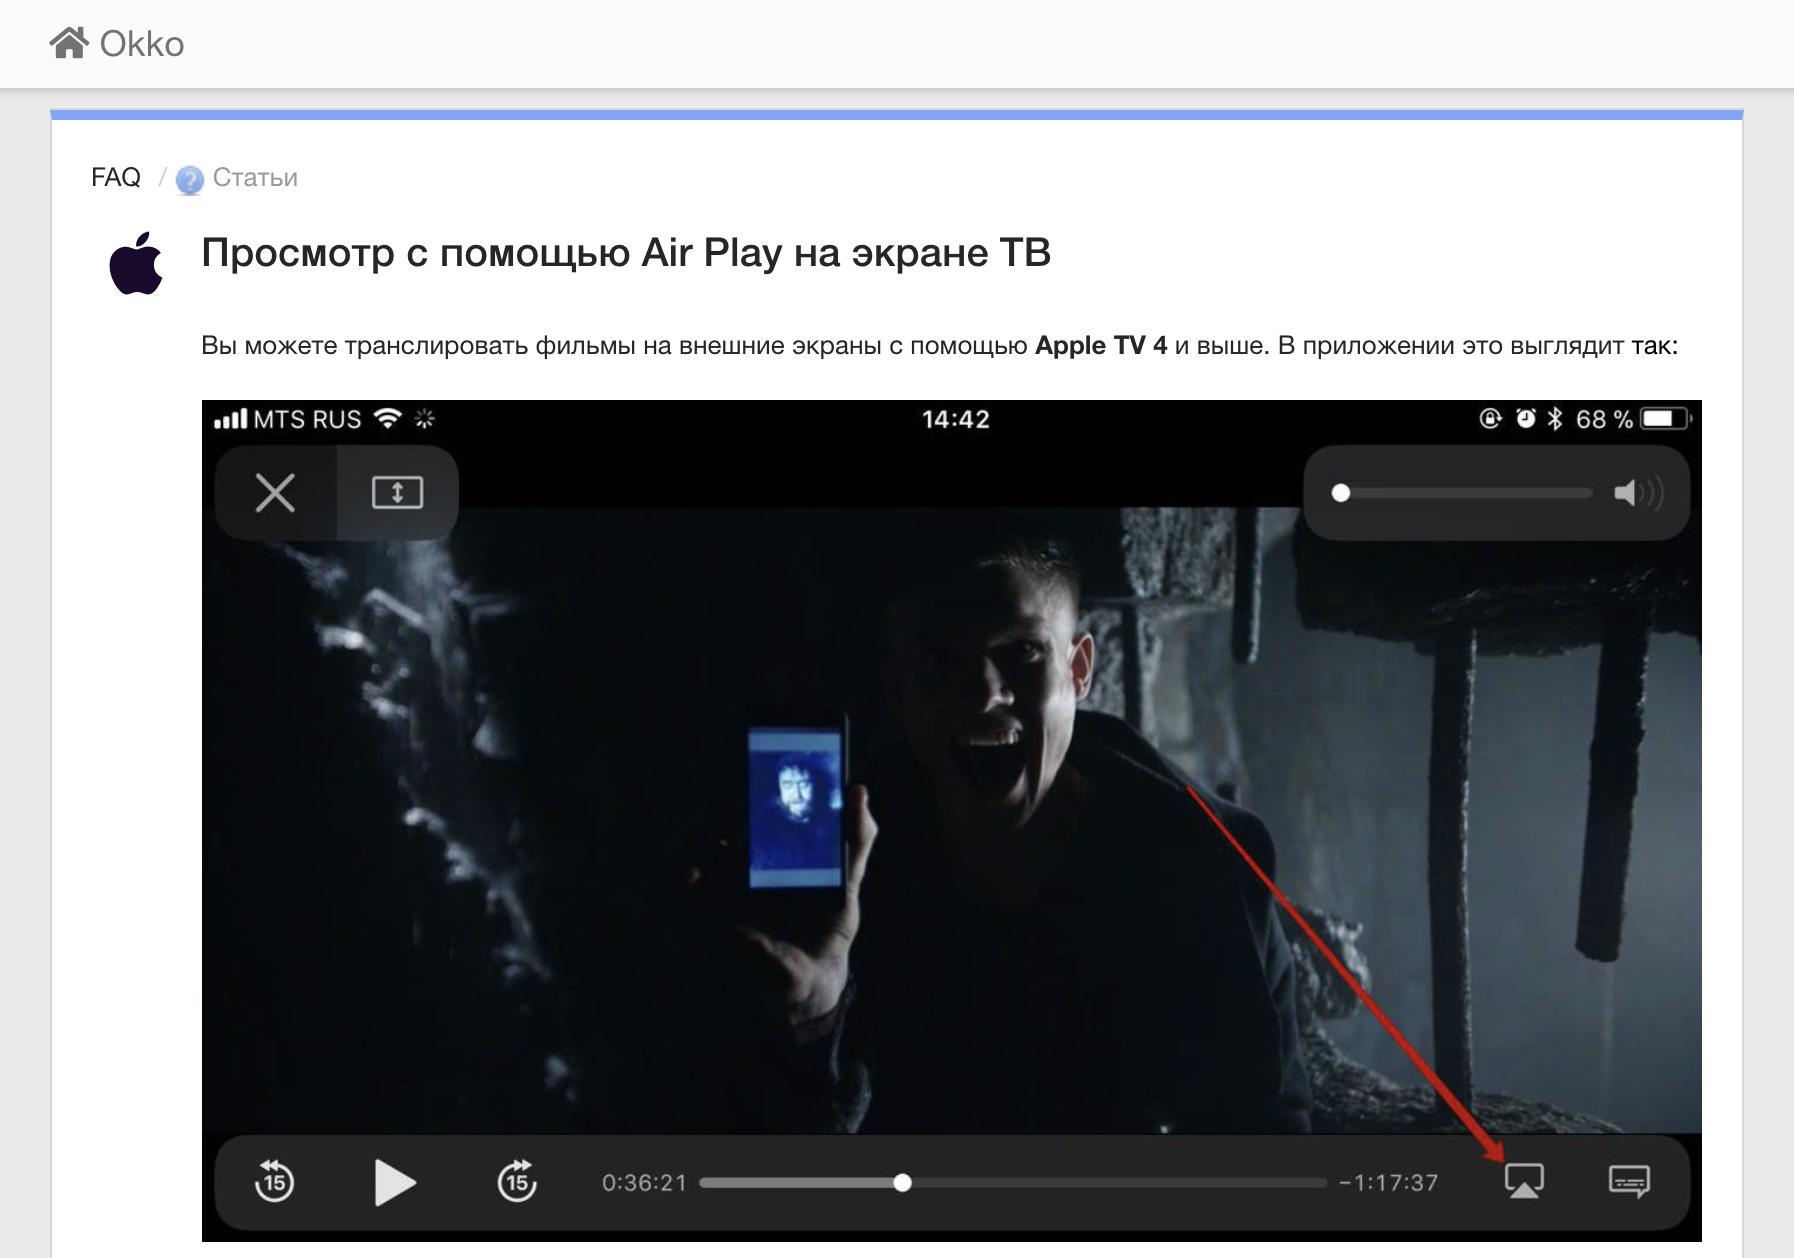 как смотреть окко на тв-приставке Apple.tv - Air Pay